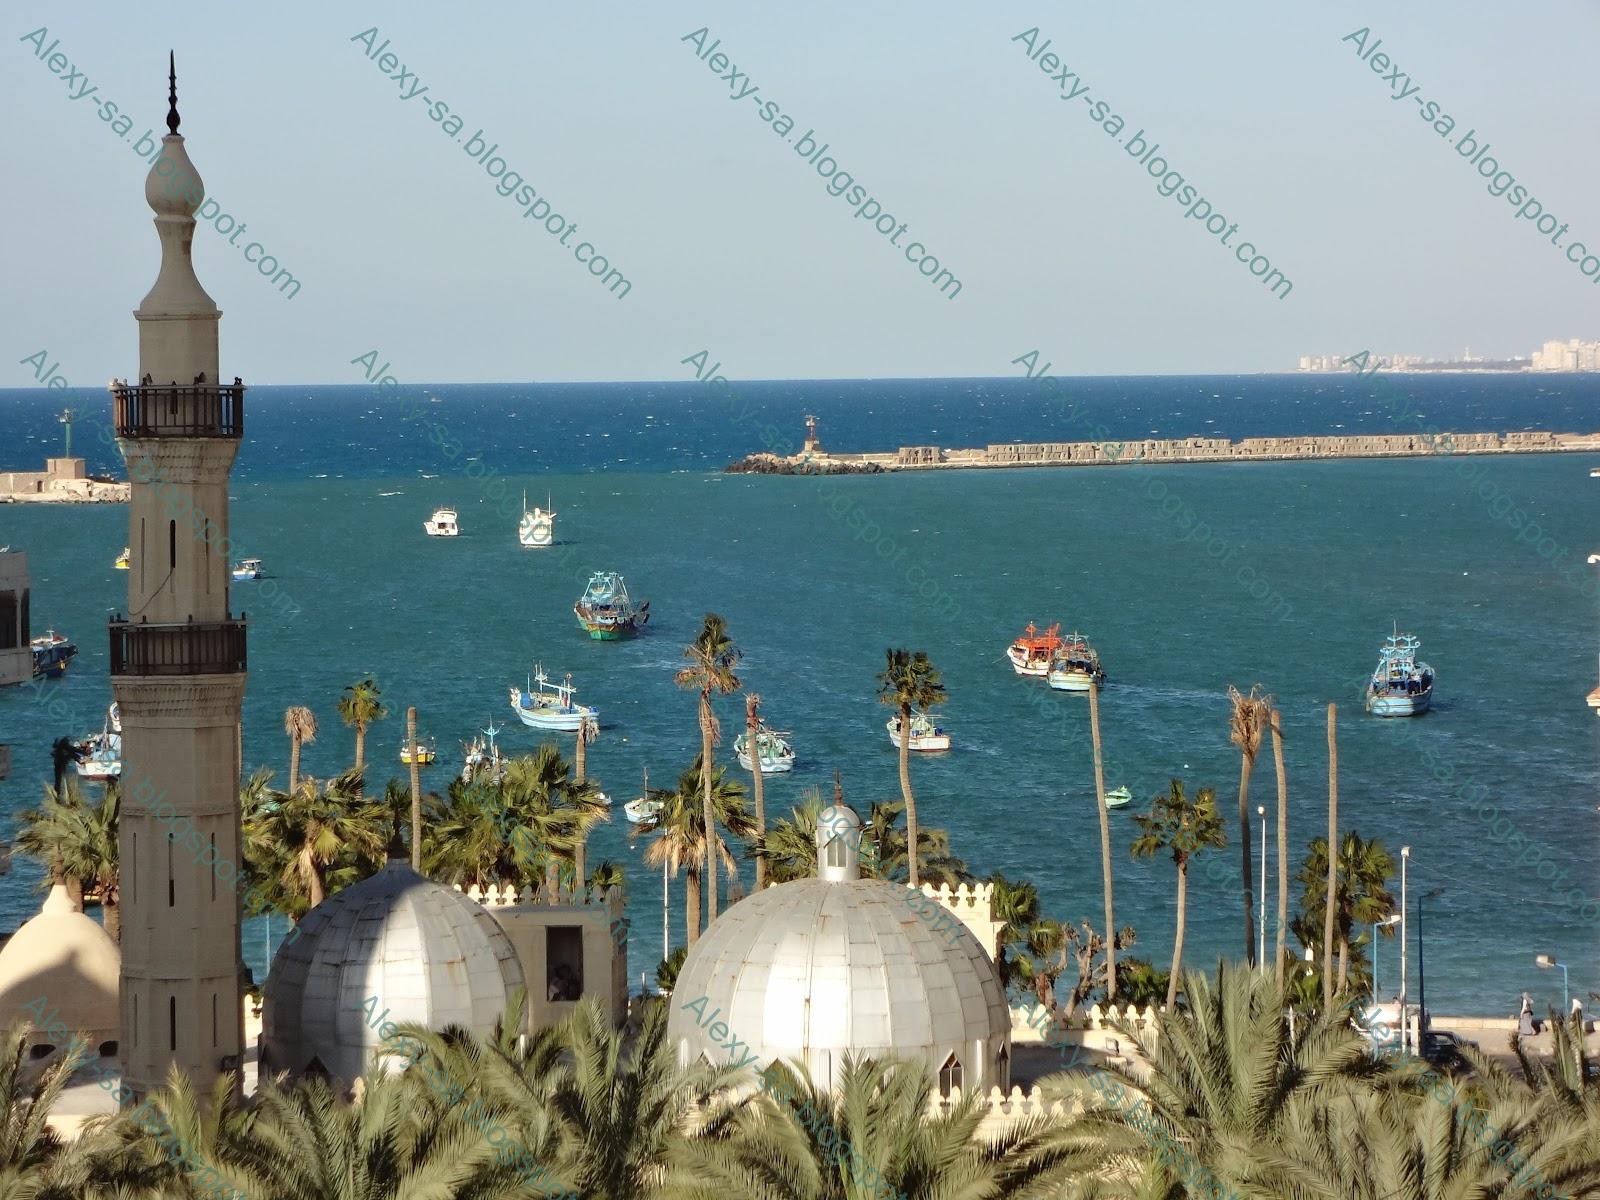 اجمل صور مدينة الاسكندرية